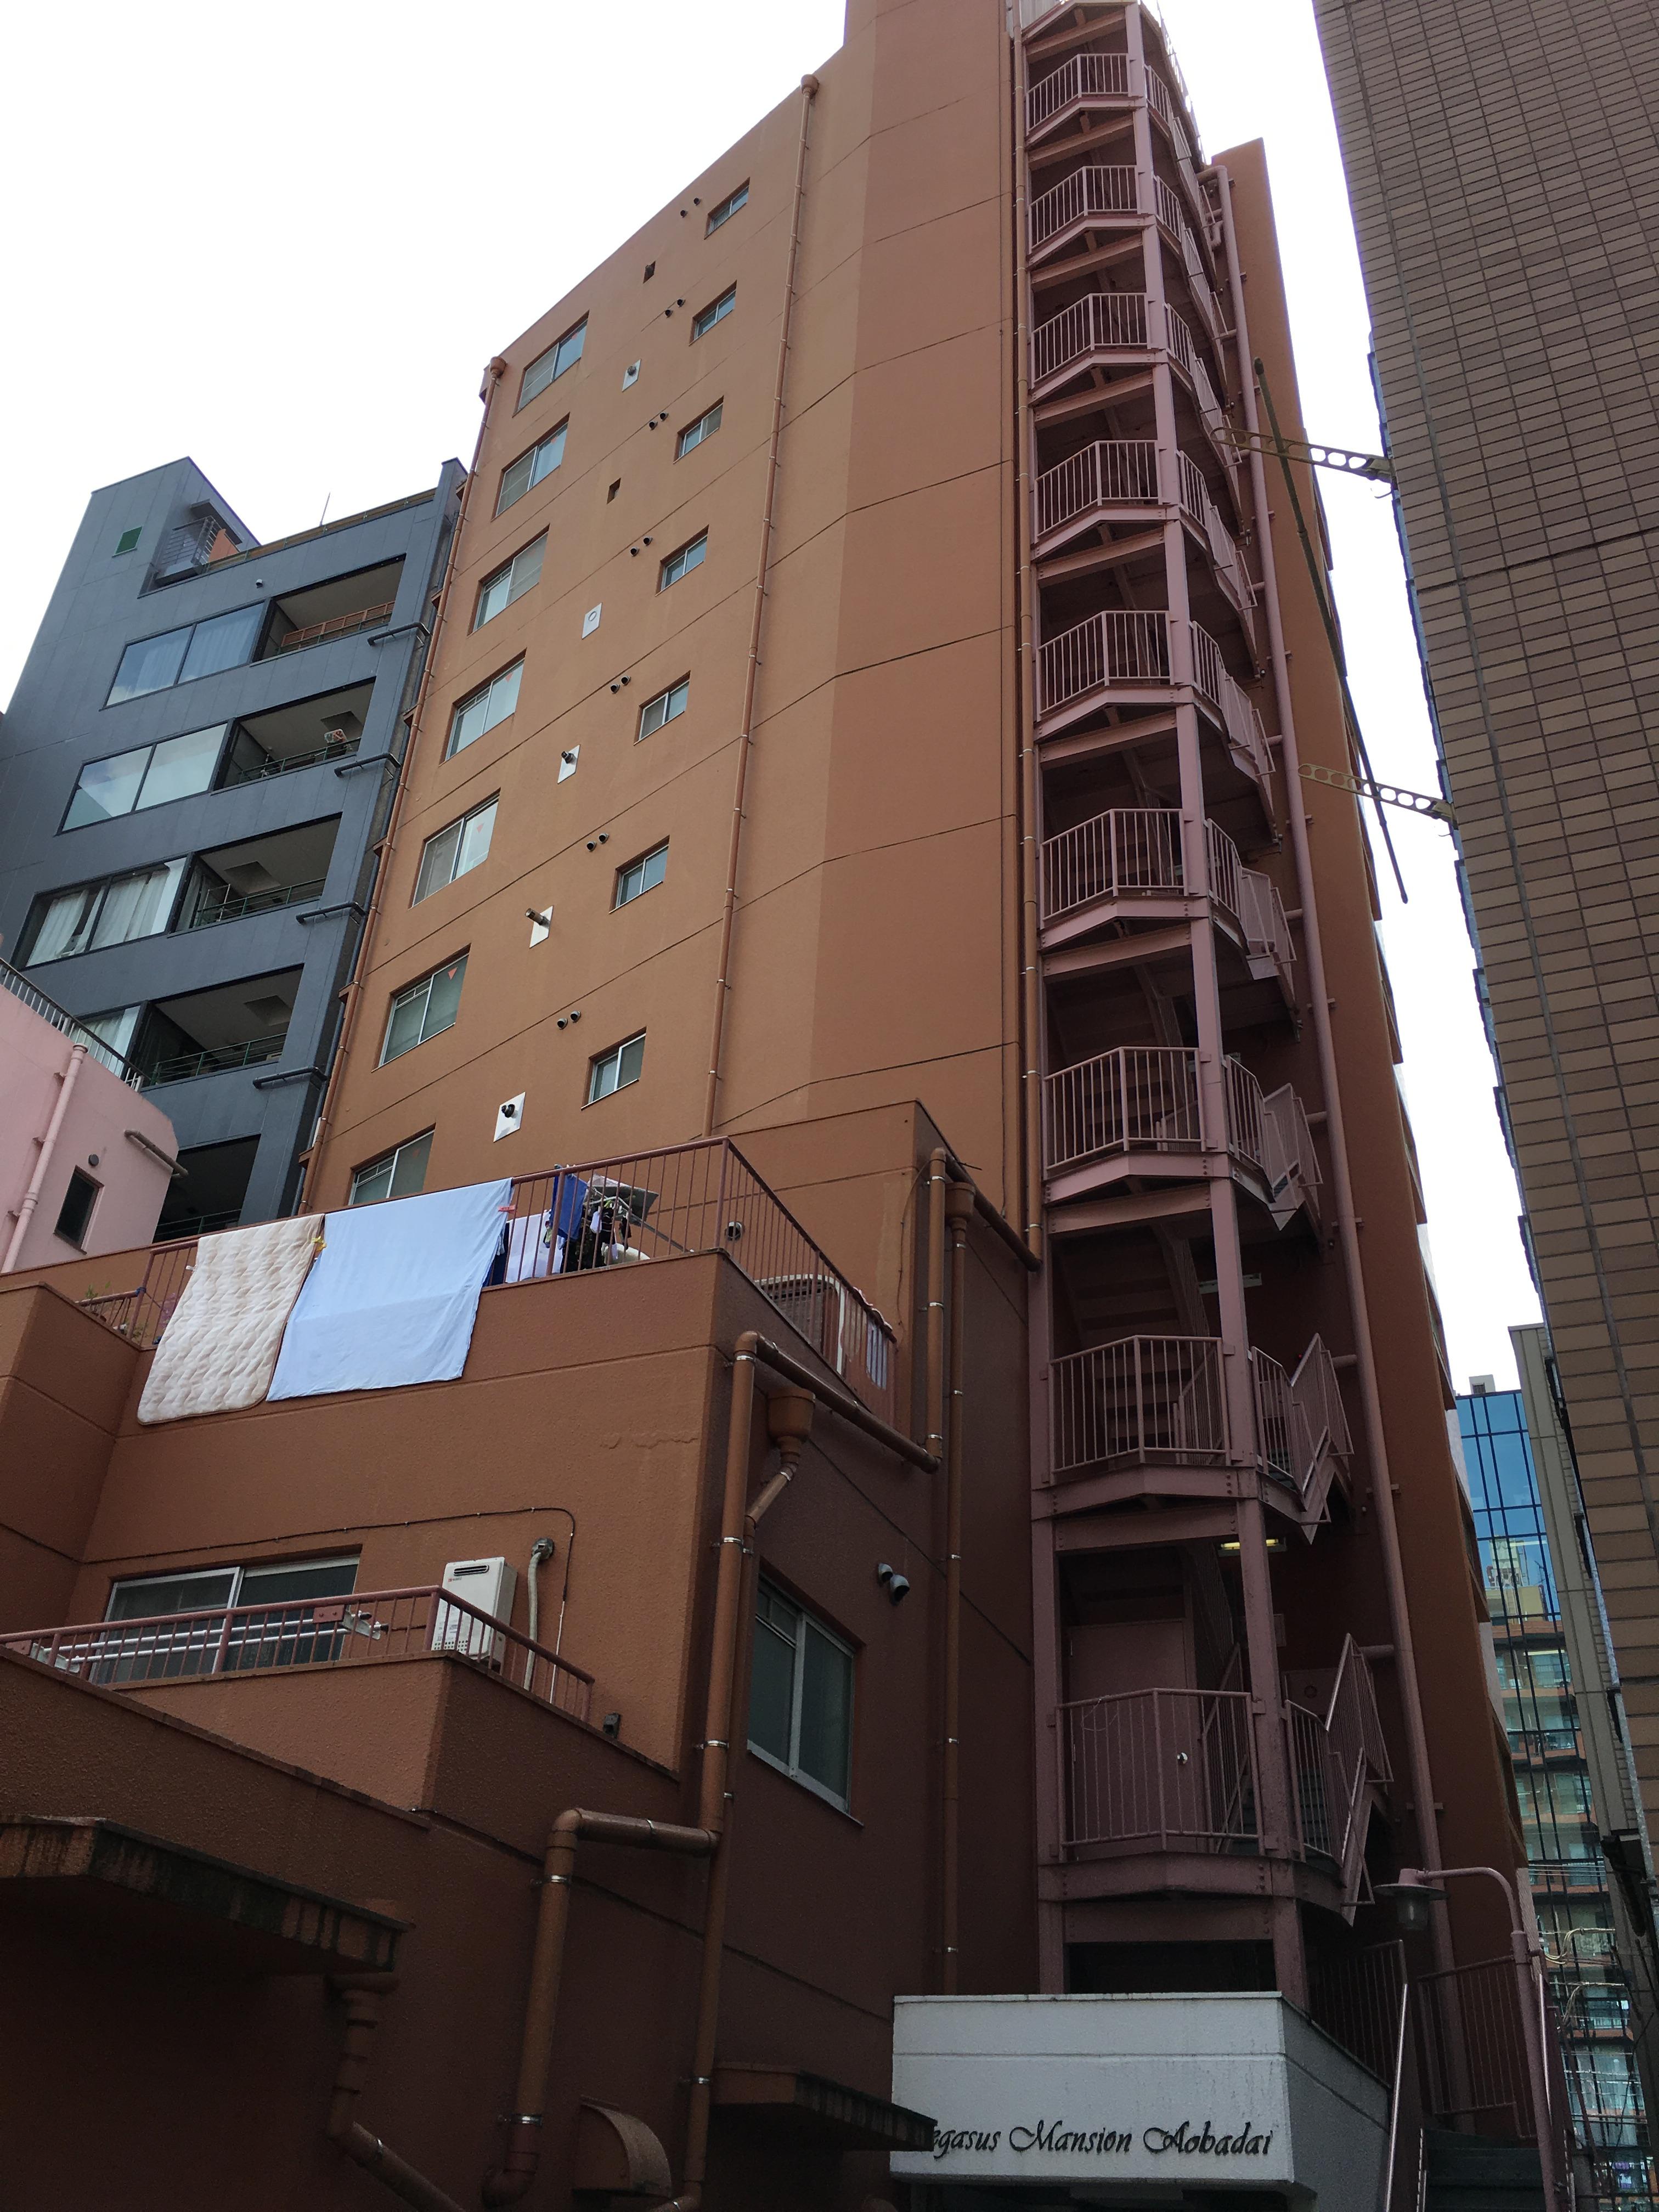 ペガサスマンション青葉台の写真になります。